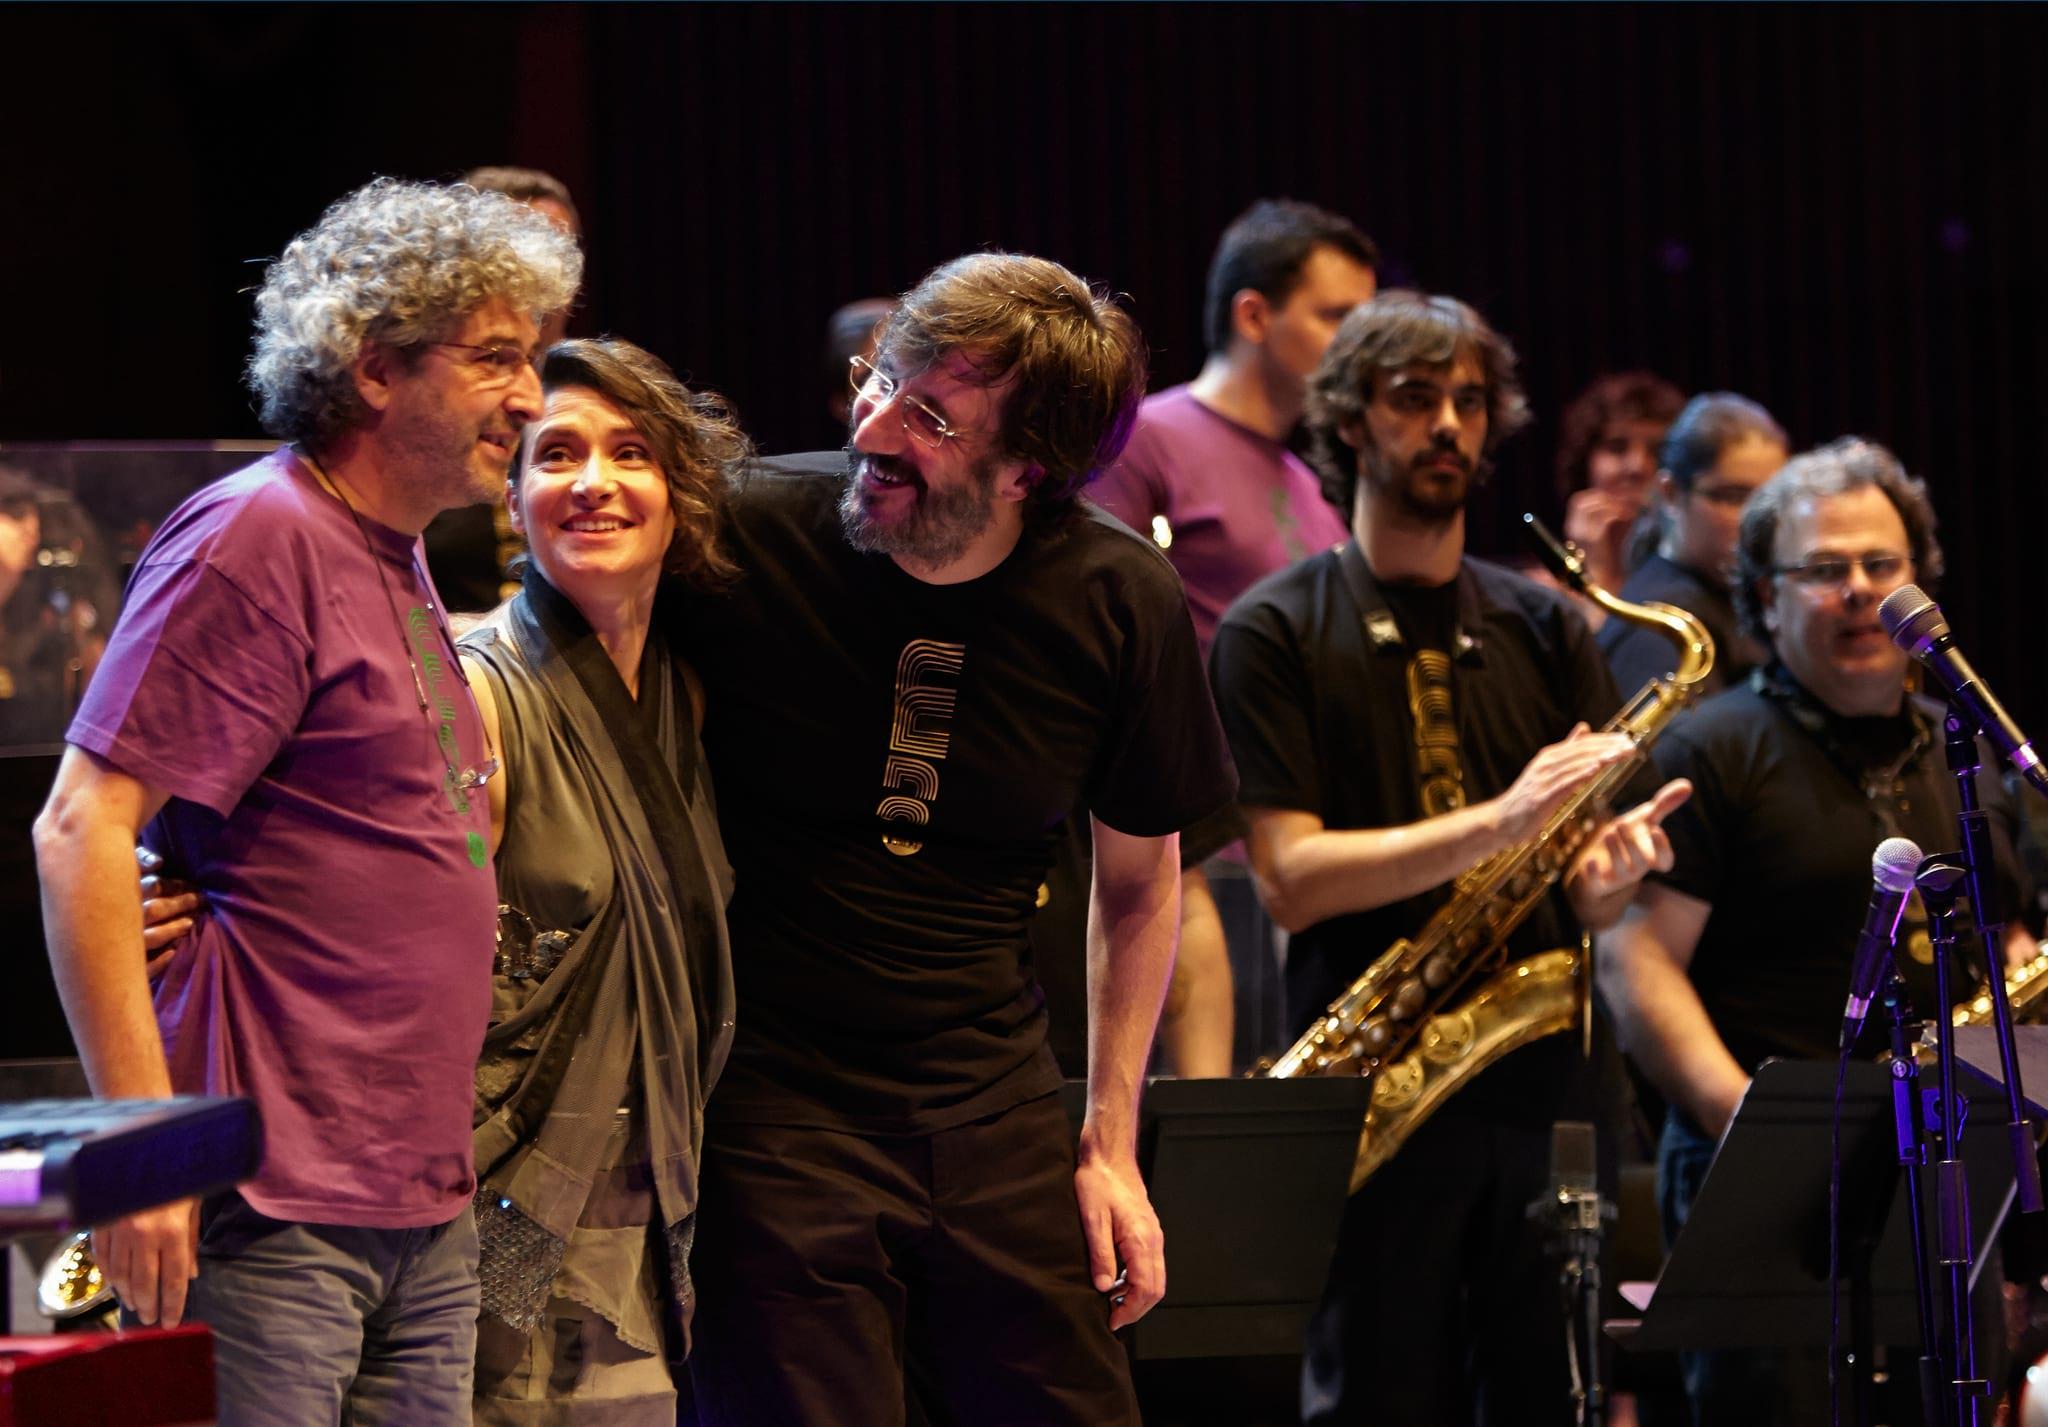 PÚBLICO - Orquestra de Jazz de Matosinhos e Manuela Azevedo juntos em Lisboa